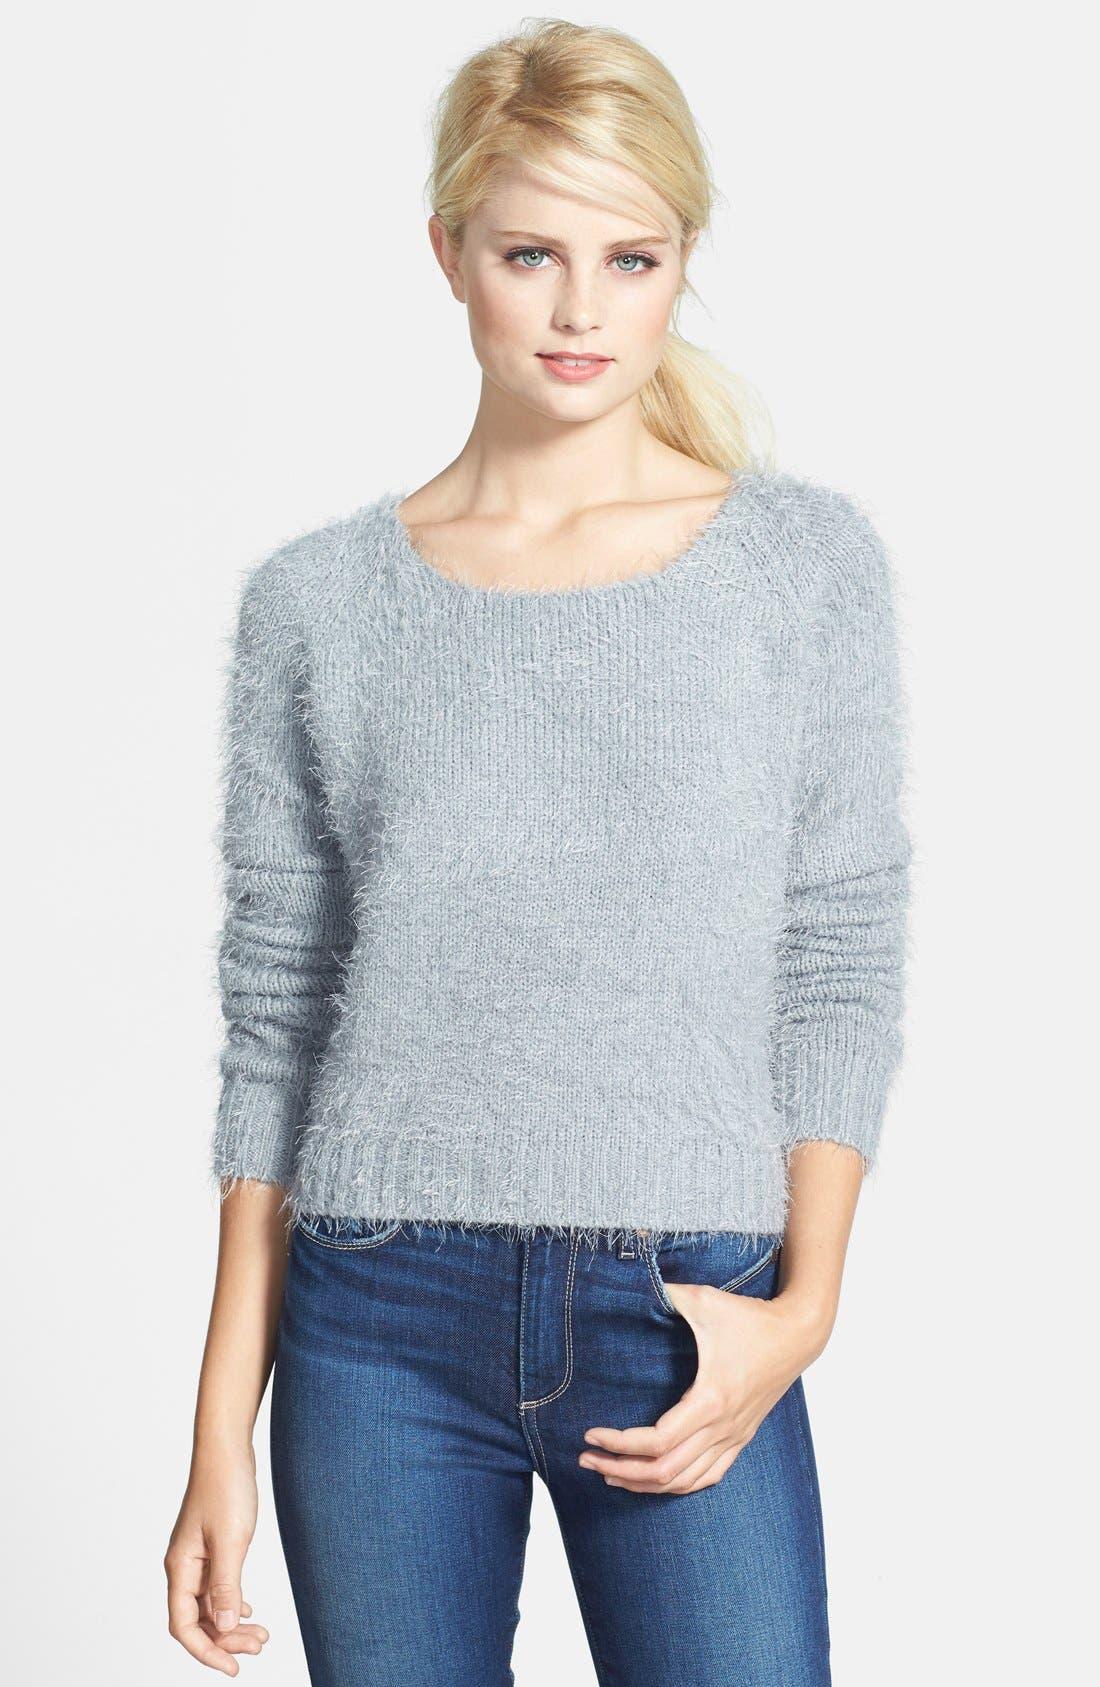 Alternate Image 1 Selected - Gibson Eyelash Yarn Crop Sweater